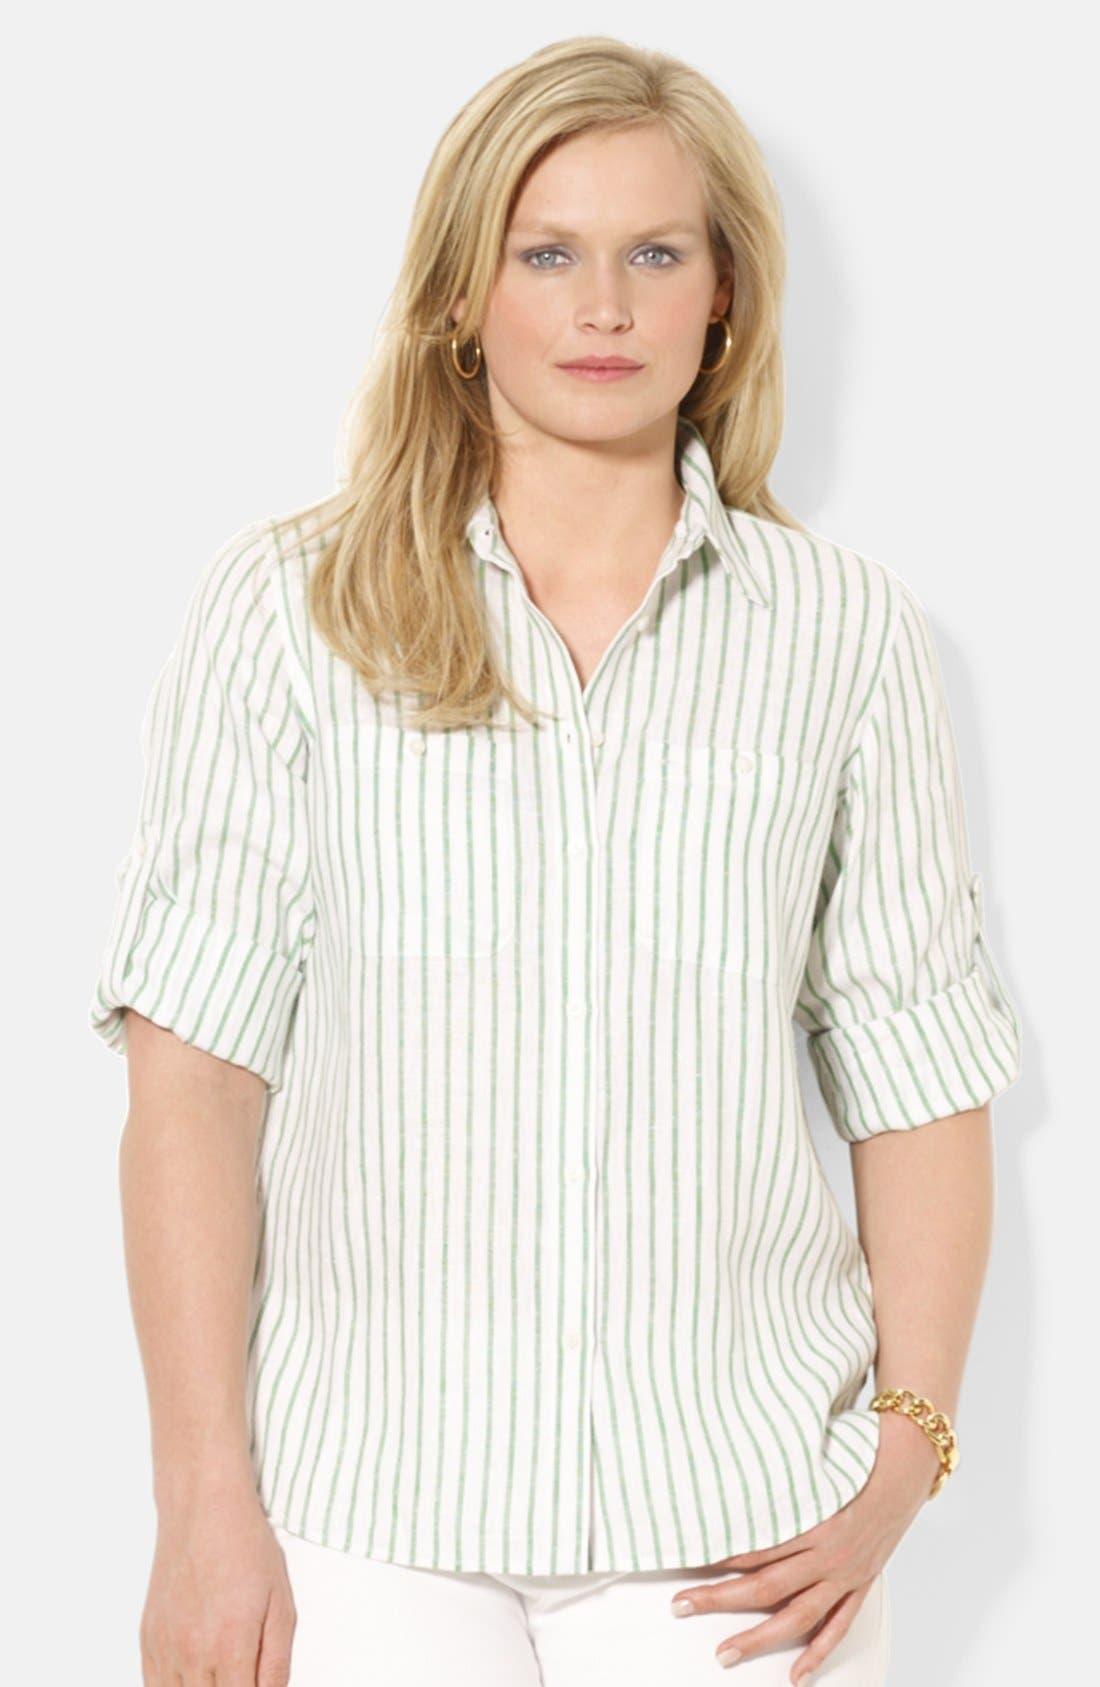 Alternate Image 1 Selected - Lauren Ralph Lauren Stripe Linen Work Shirt (Plus Size)